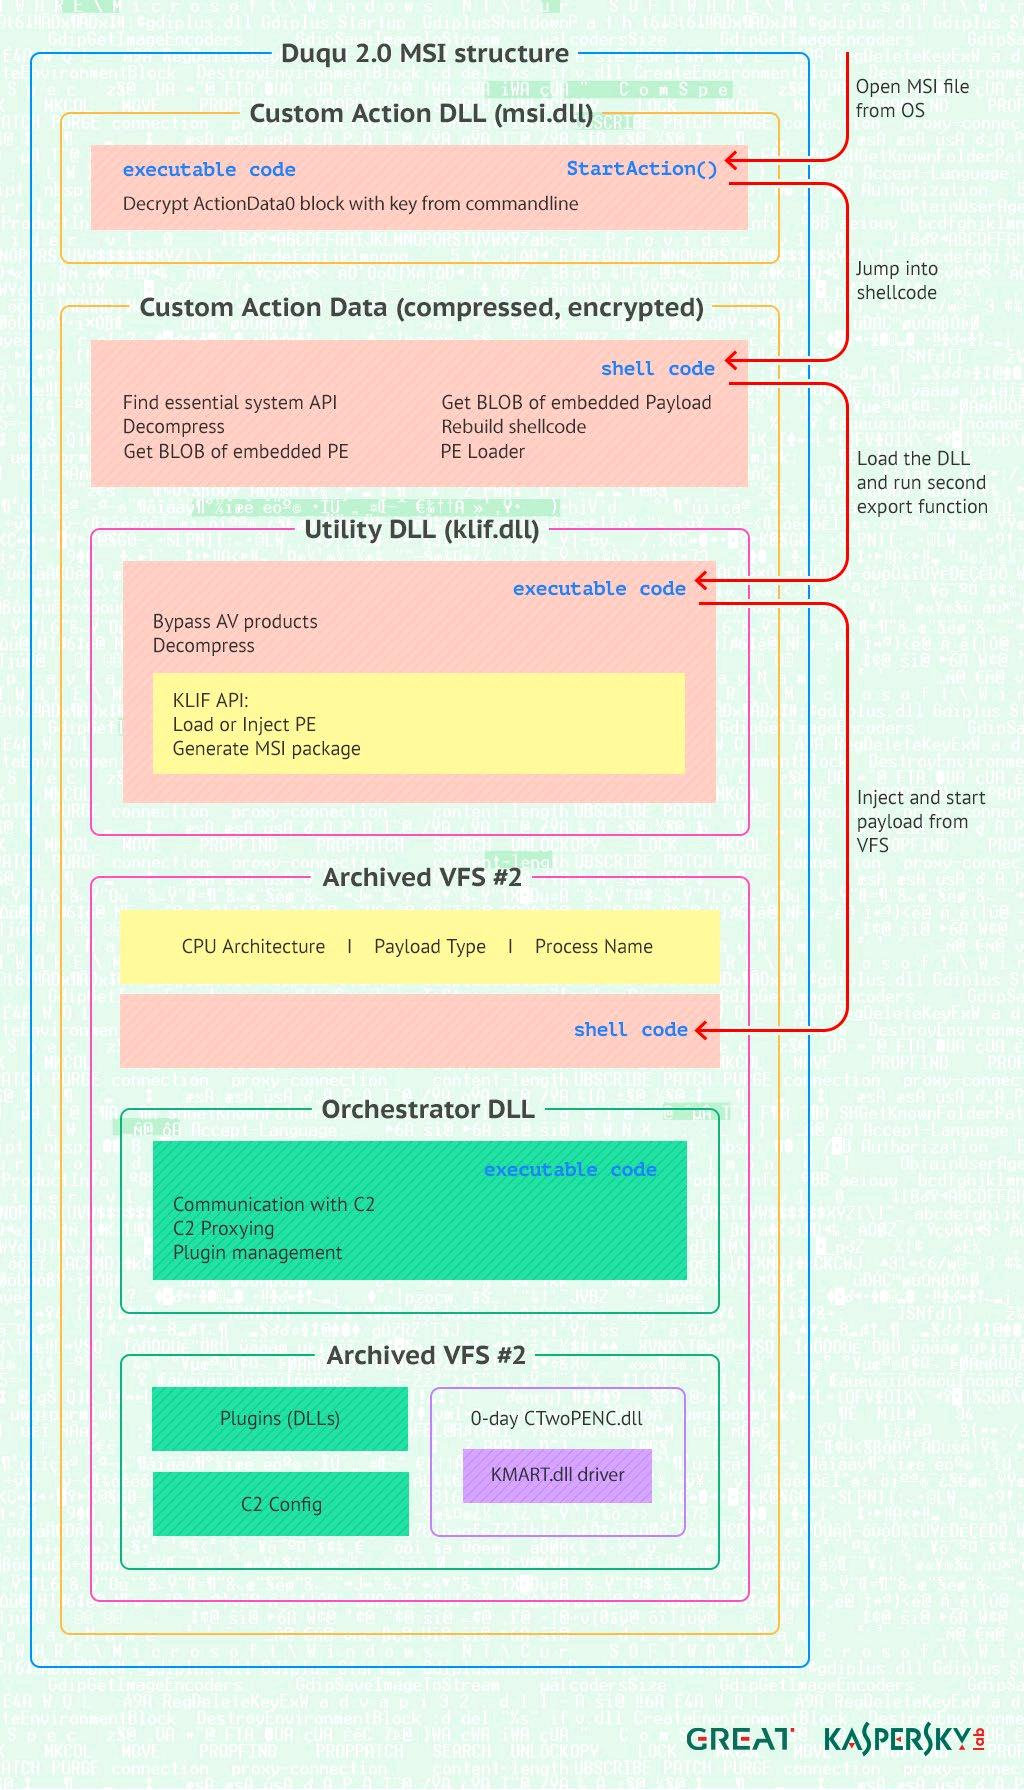 Duqu 2.0: Kaspersky meldet kaum aufspürbaren Hack seiner Systeme ...